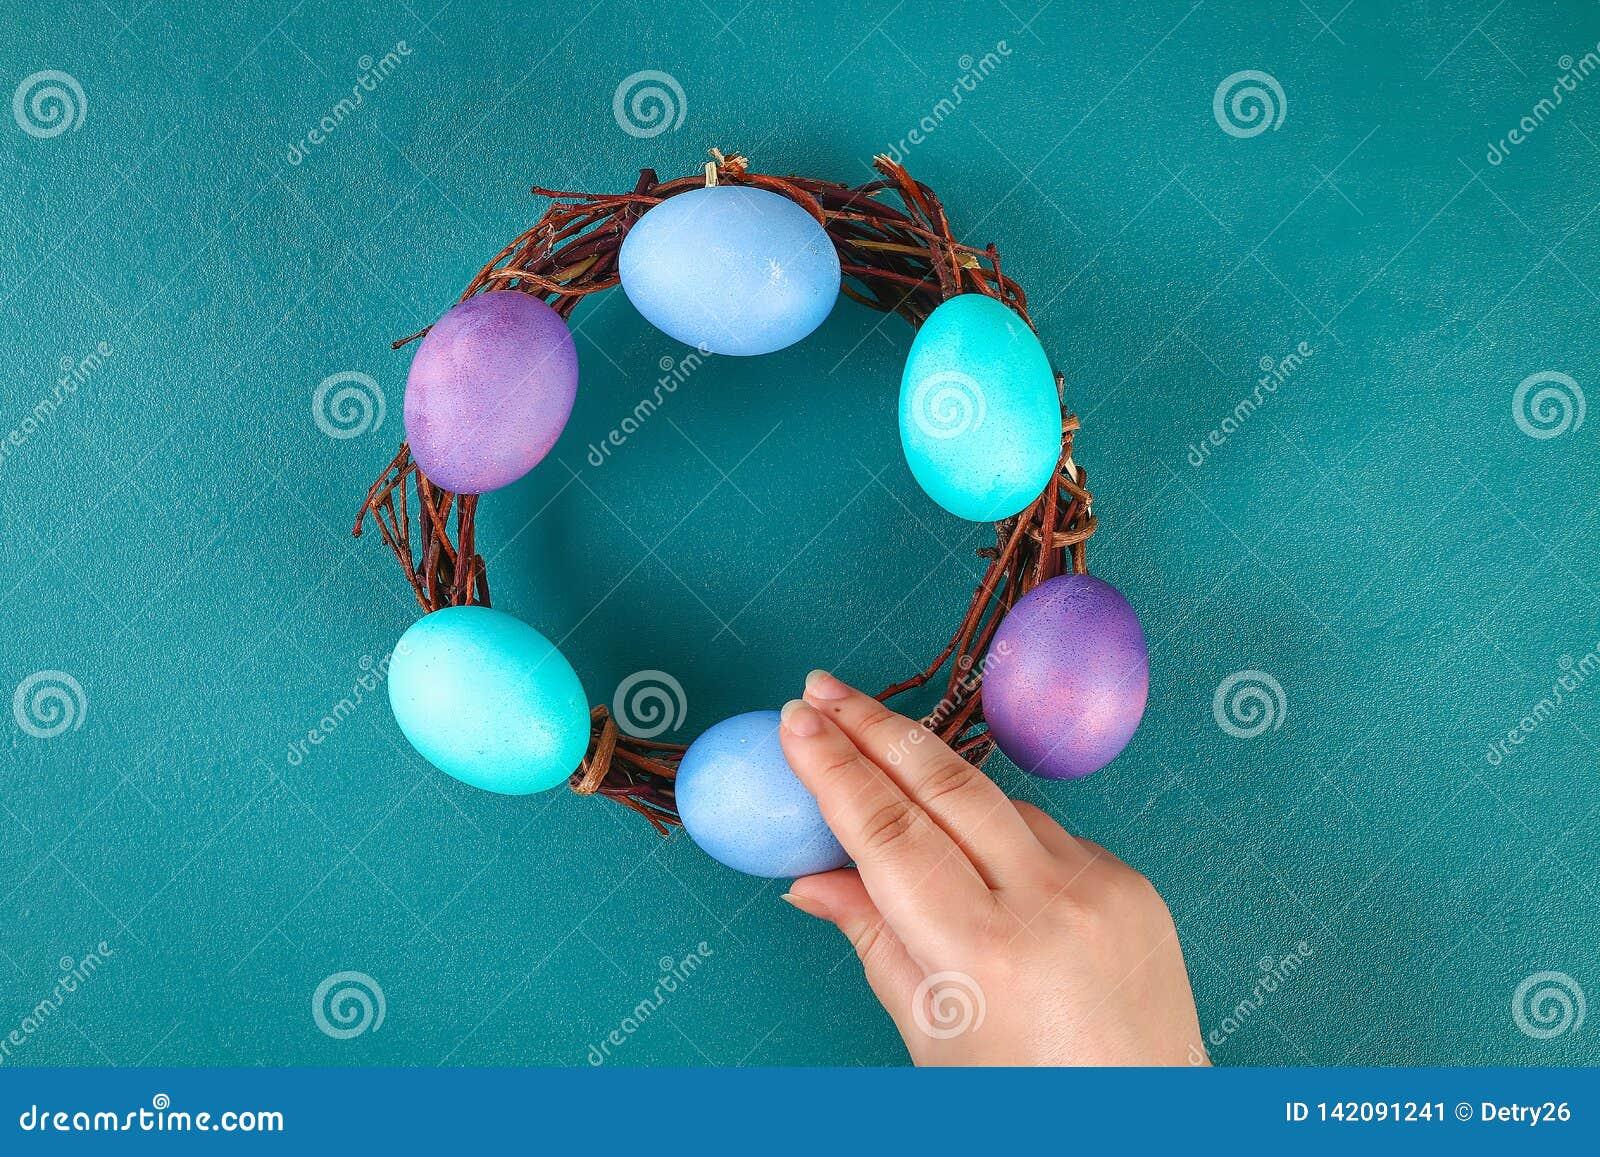 Guirlande de Diy Pâques des brindilles, des oeufs peints et des fleurs artificielles sur un fond vert